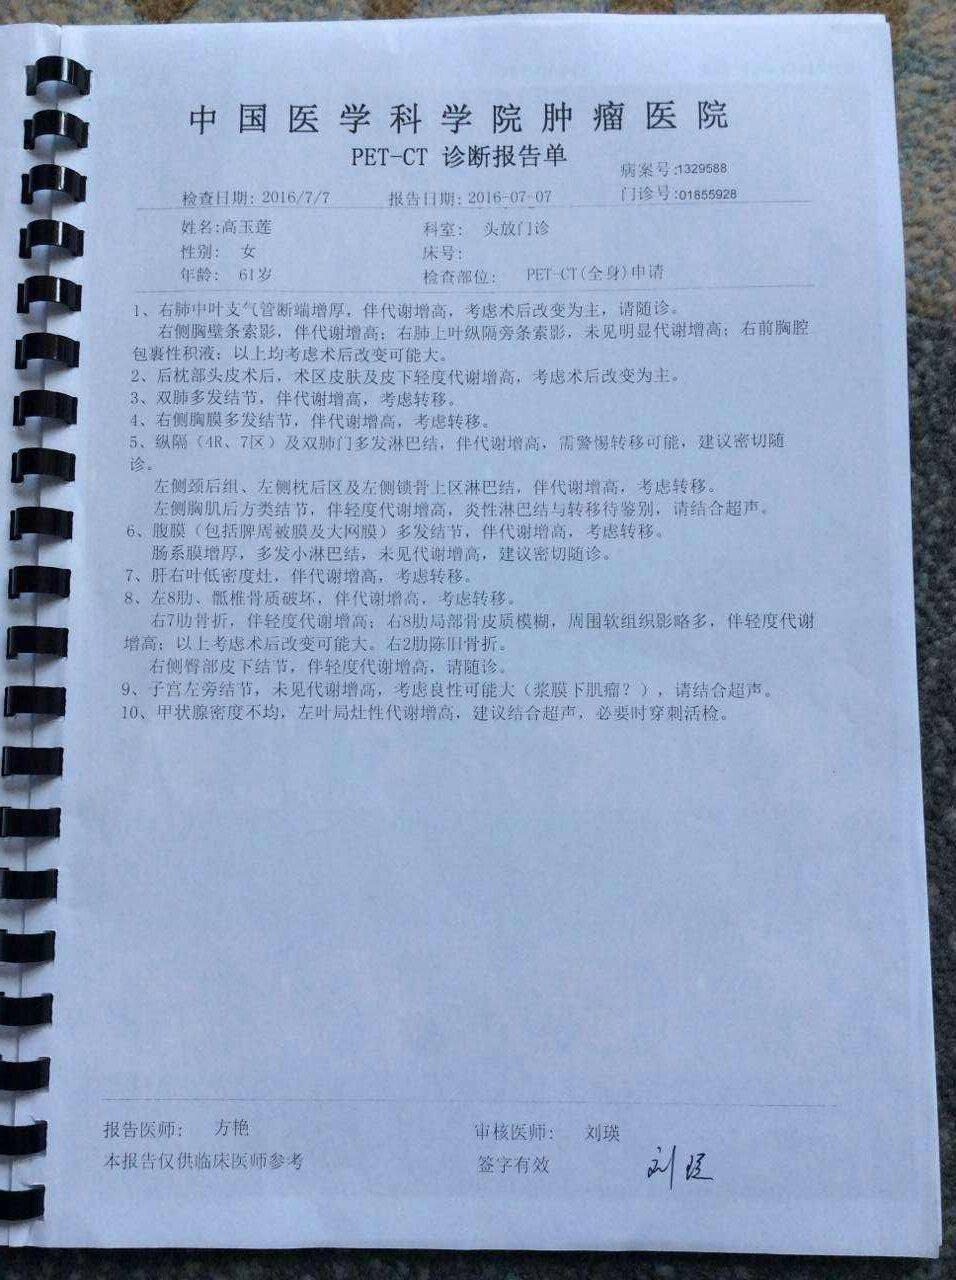 高玉连诊断书2